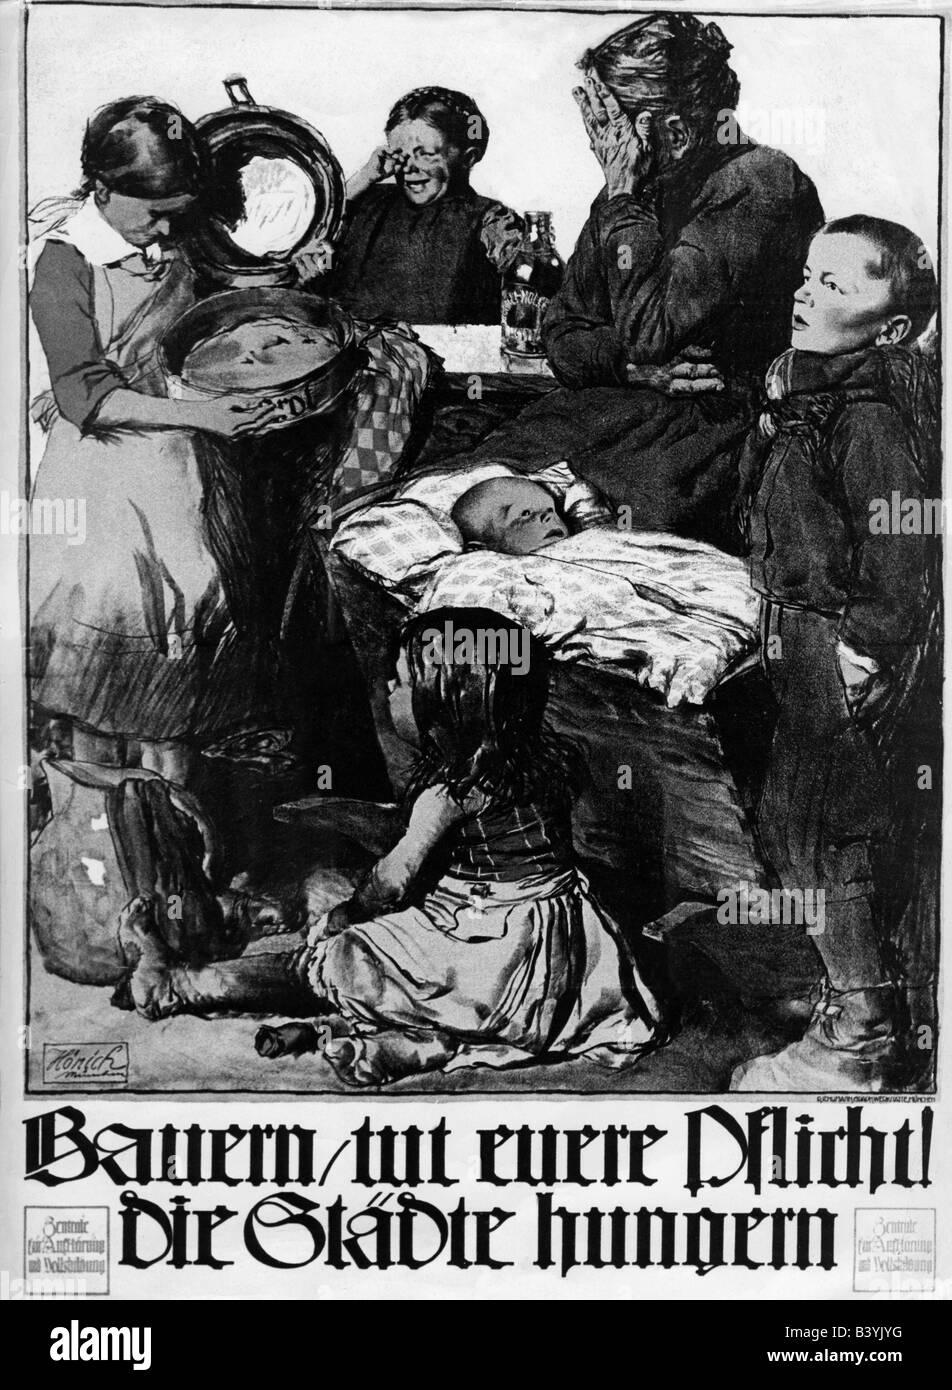 events, First World War / WWI, propaganda, poster 'Bauern, tut euere Pflicht! Die Staedte hungern' (Farmers, - Stock Image